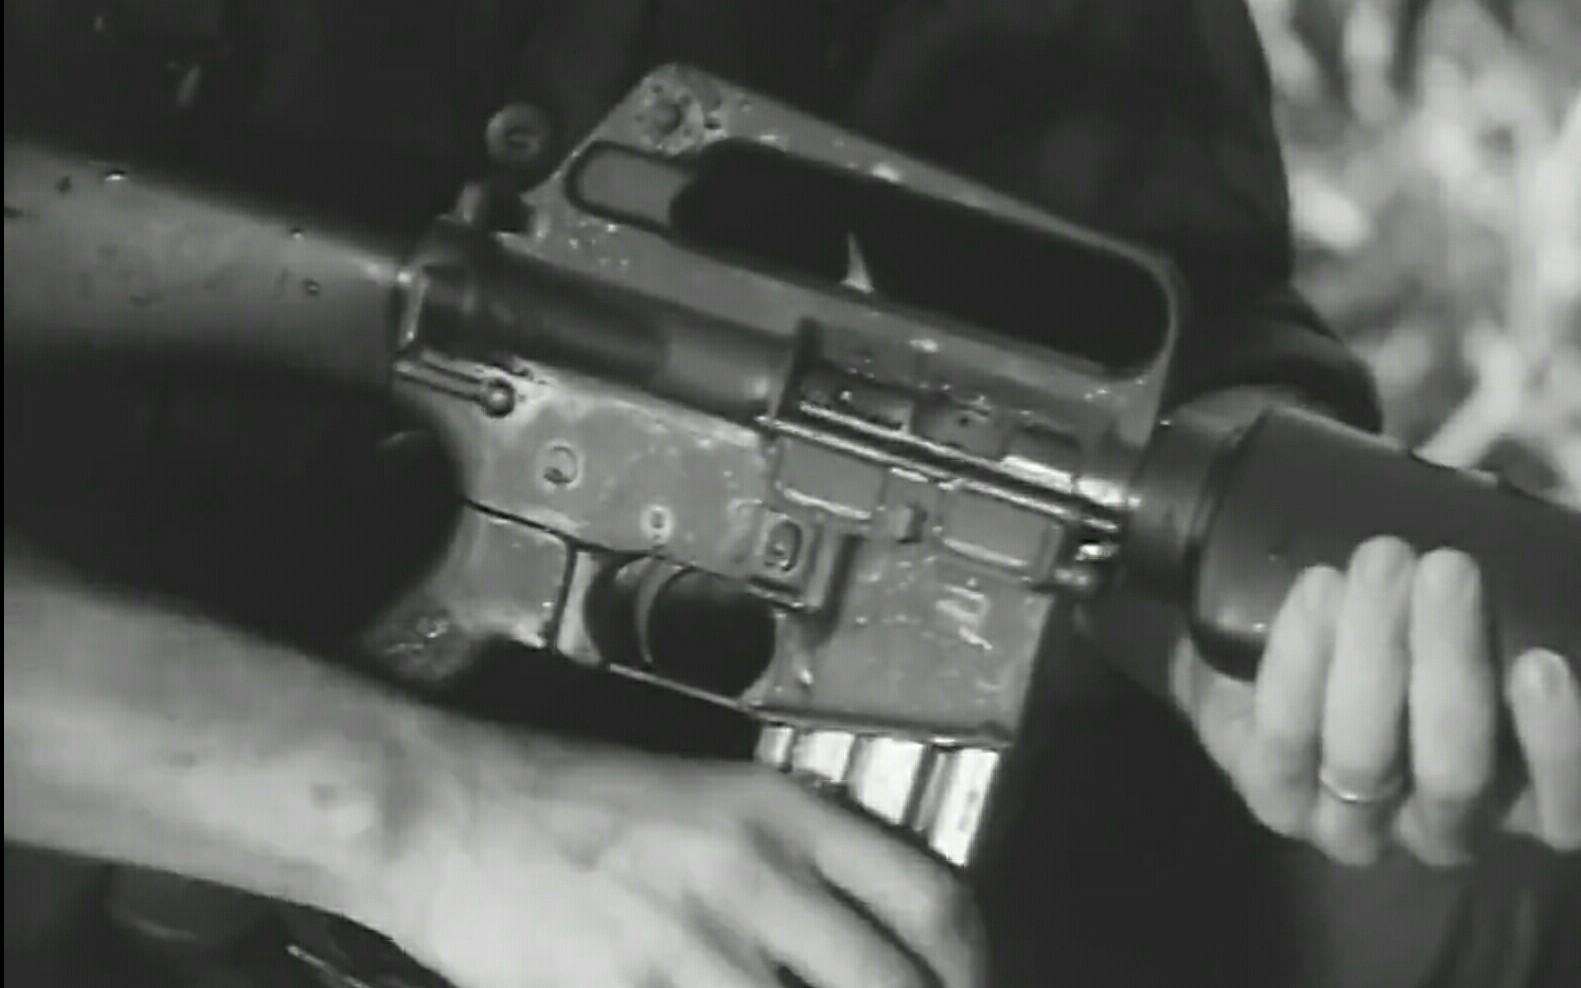 【中文字幕】 美国陆军-M16步枪: 战地应急措施(第二部分)